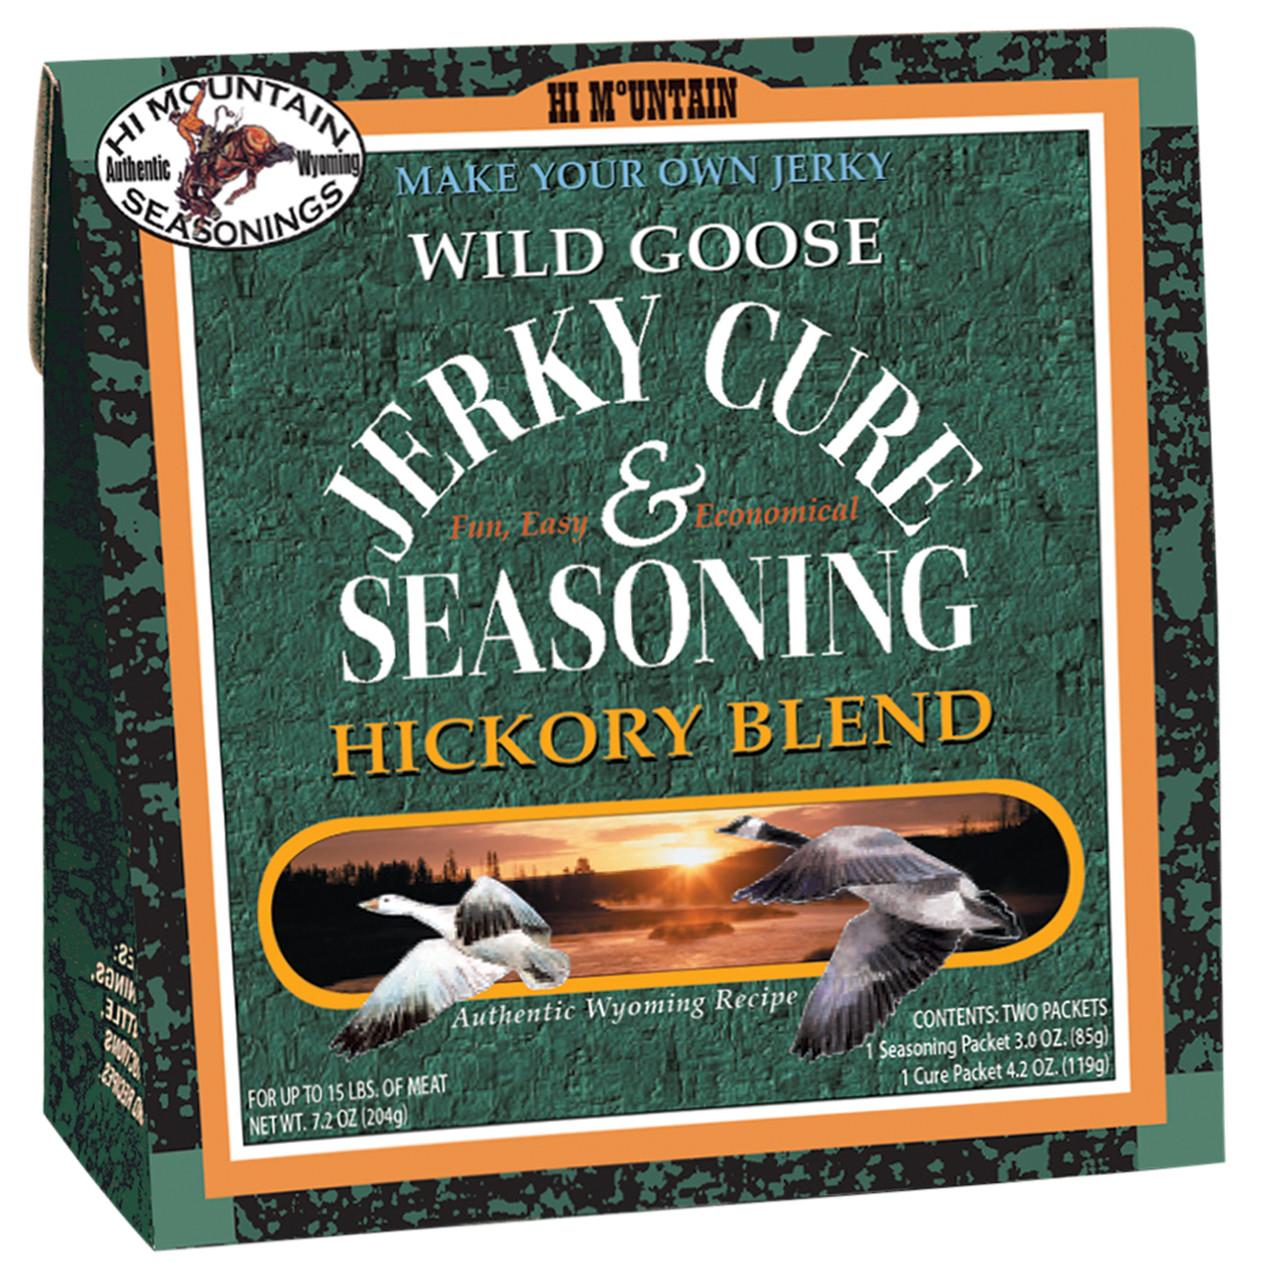 Wild Goose Hickory Blend Jerky Kit